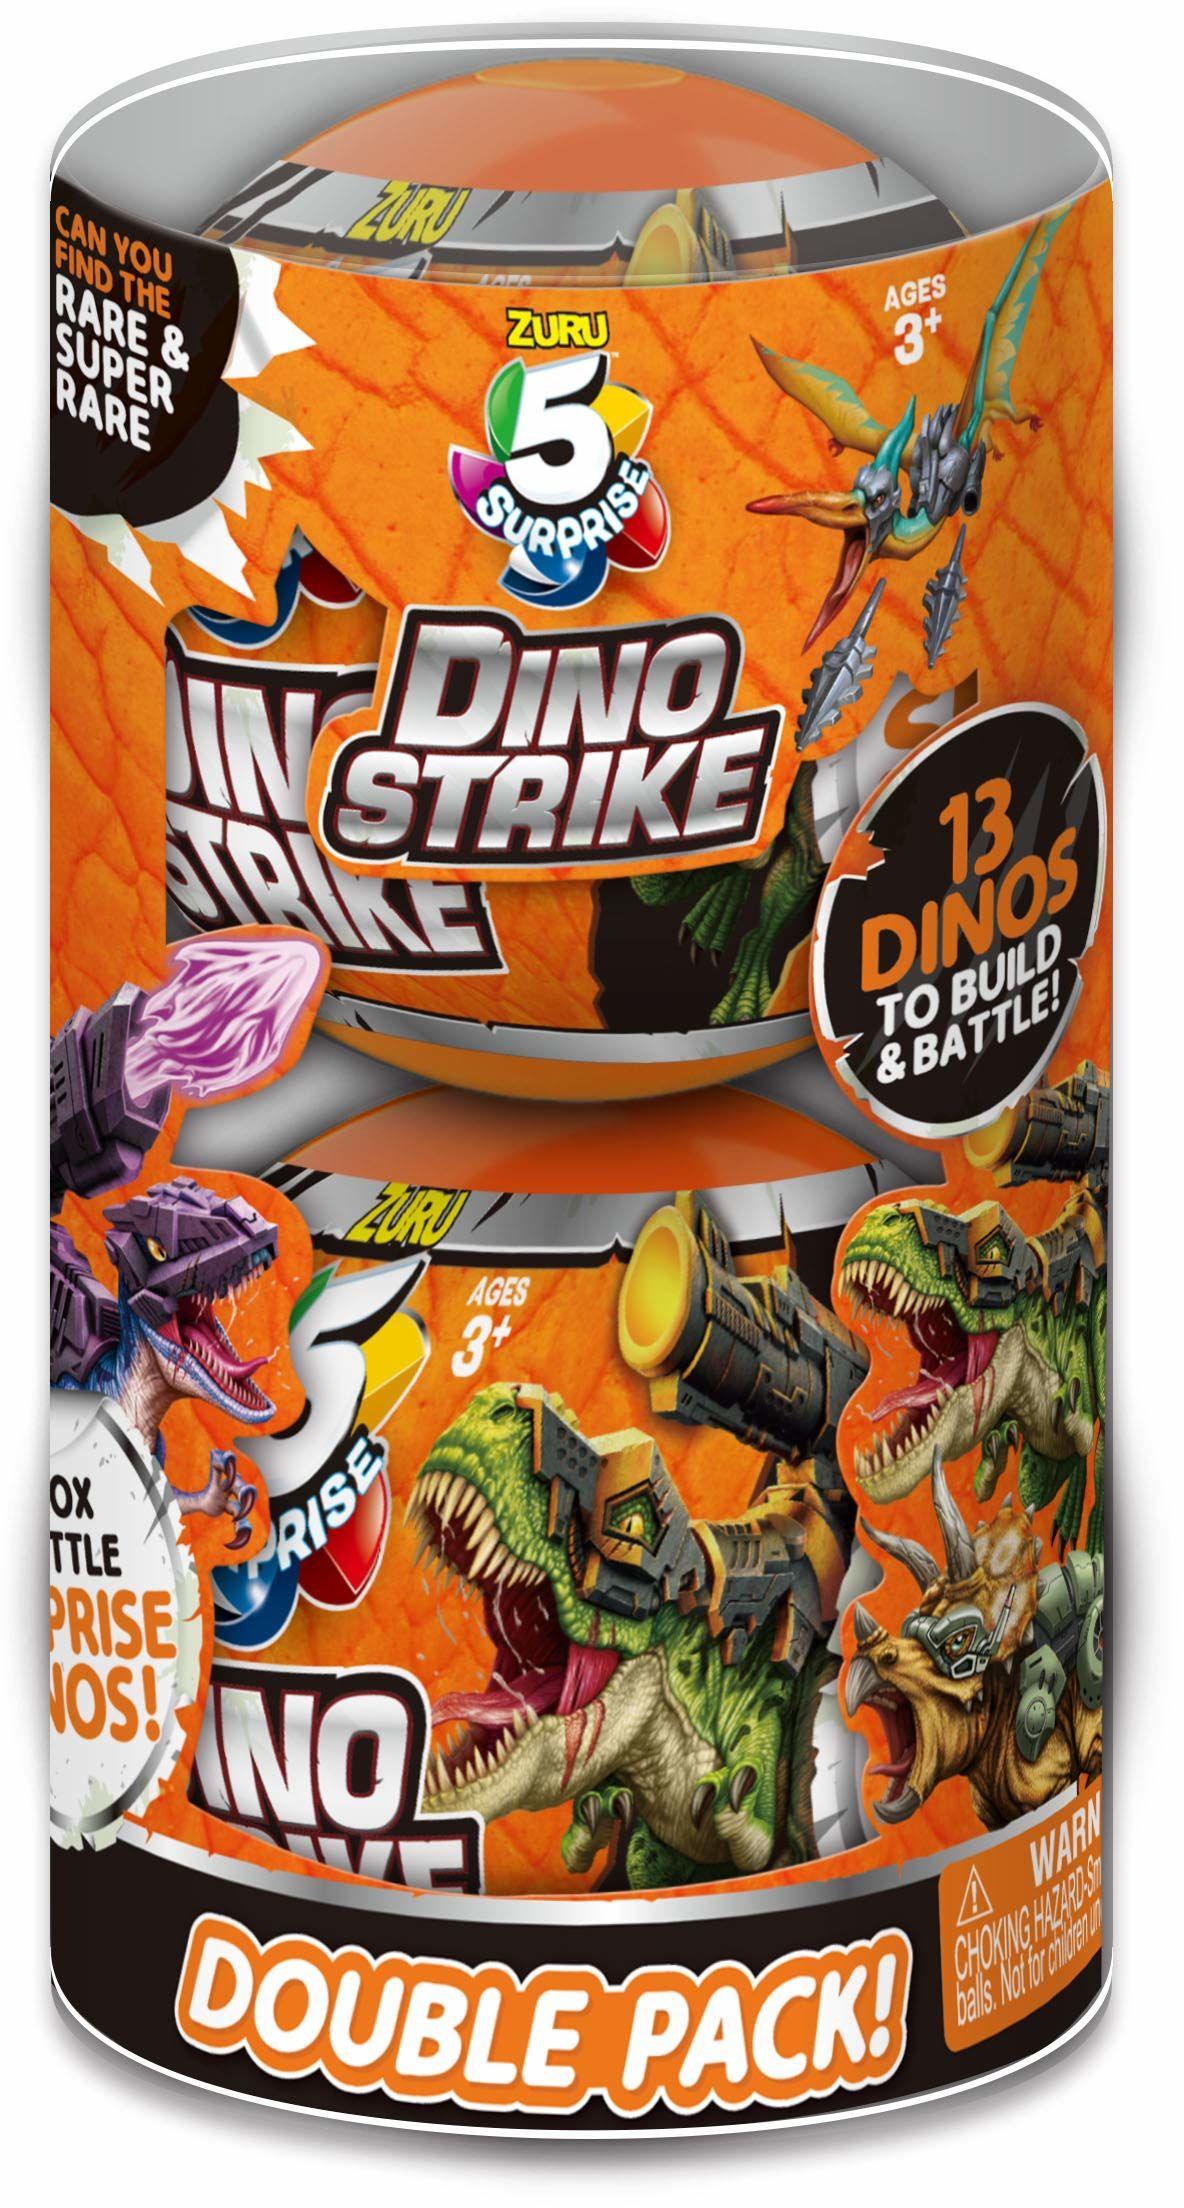 ZURU 5 SURPRISE 7748-S001 Dino Strike niespodzianka tajemnicza walka przedmioty kolekcjonerskie, pomarańczowy